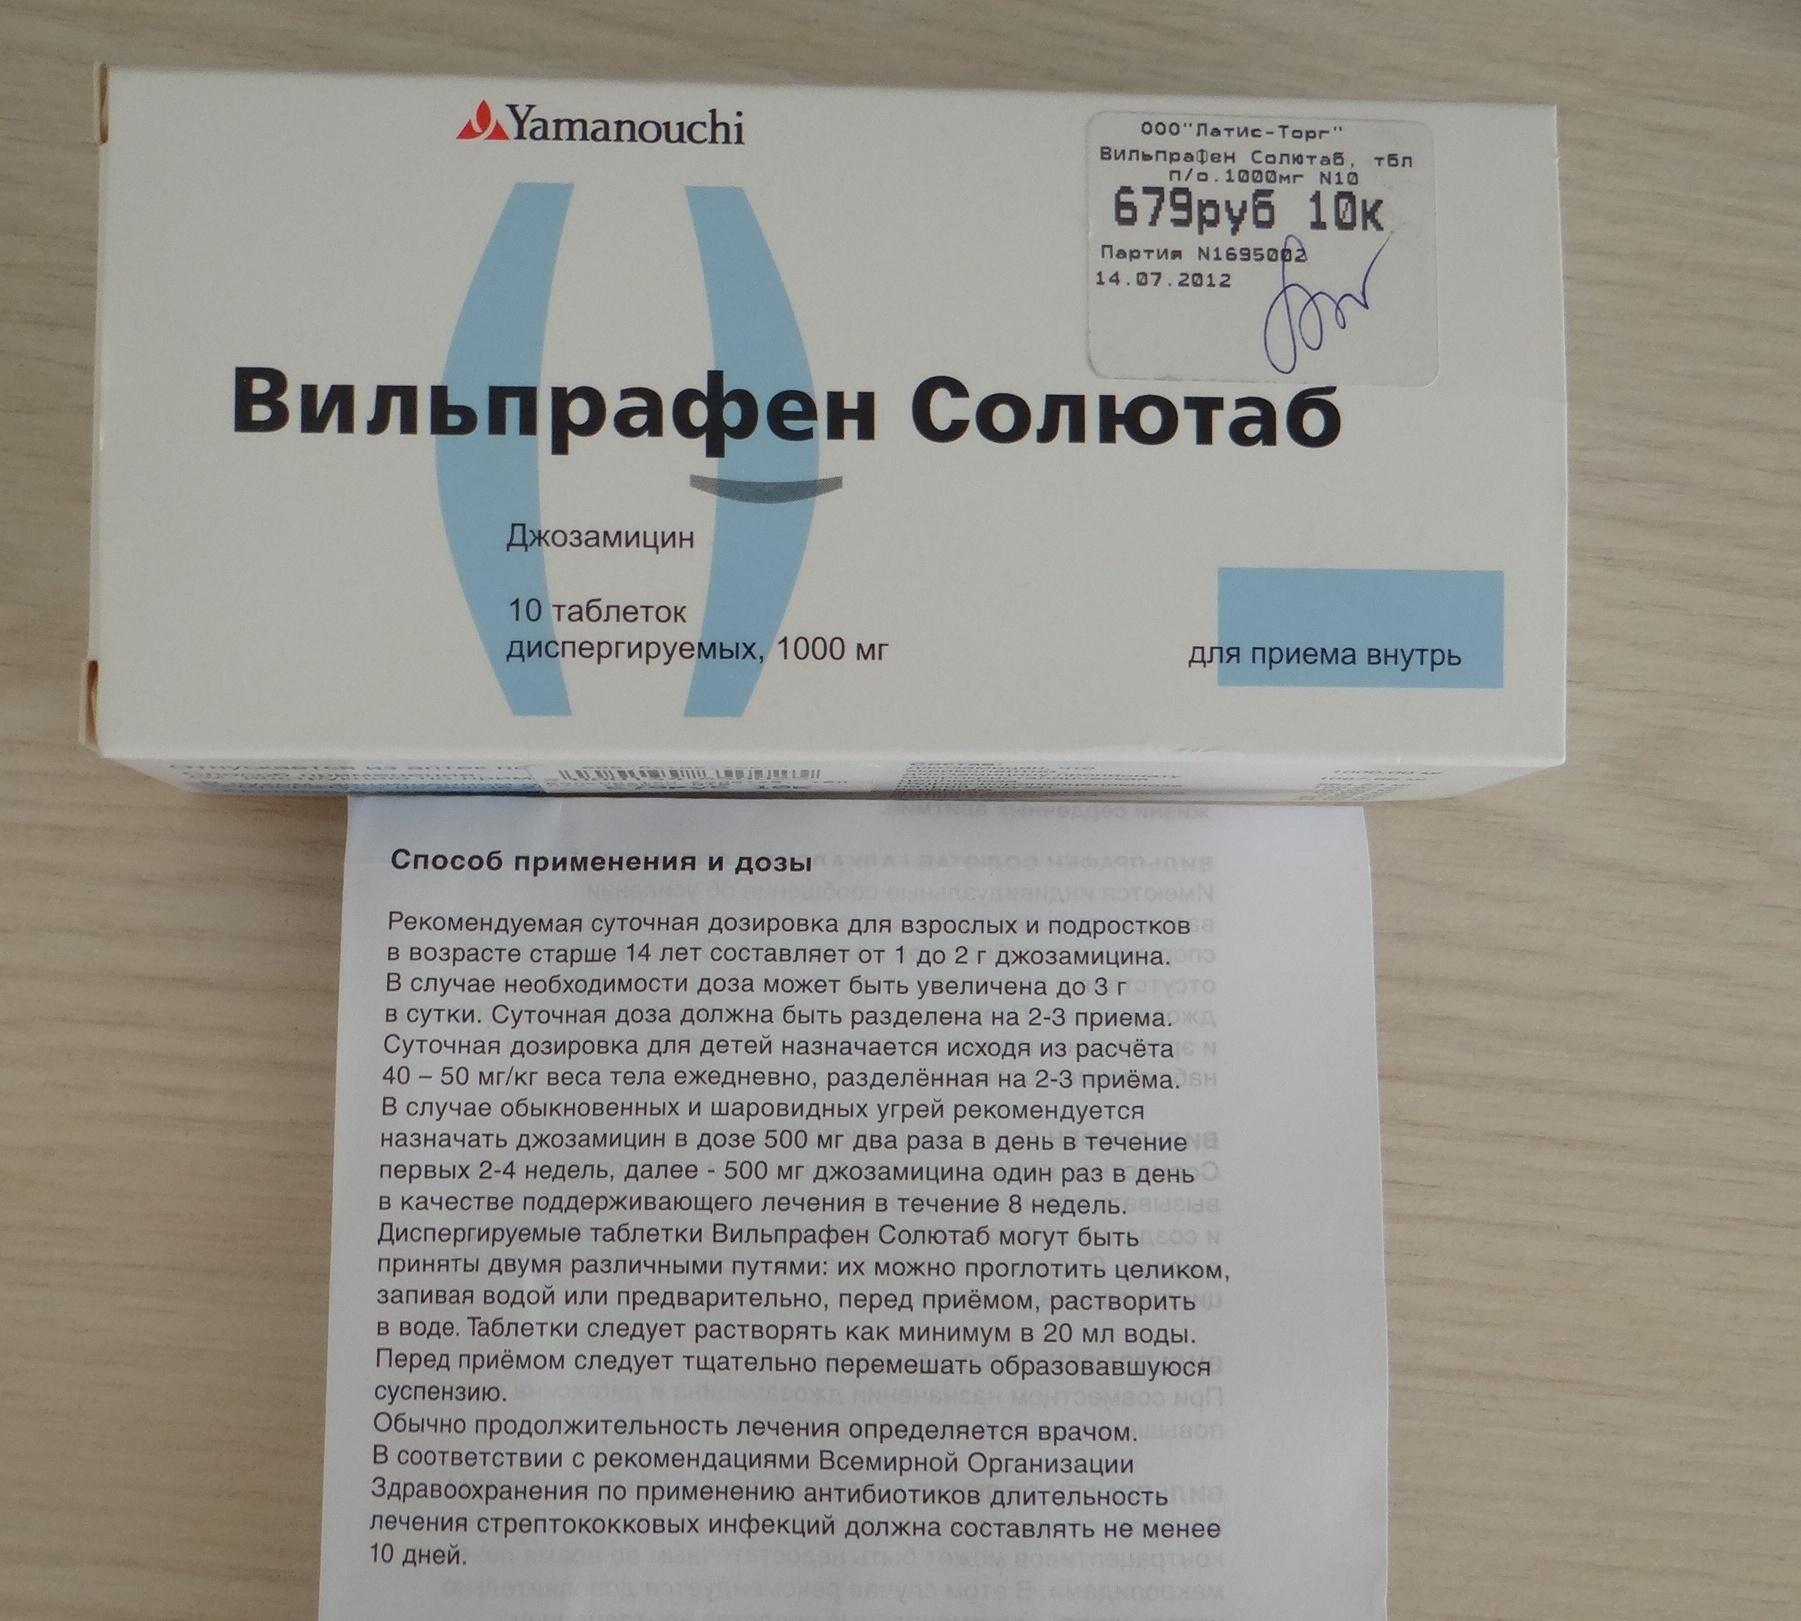 Инструкция по применению вильпрофена